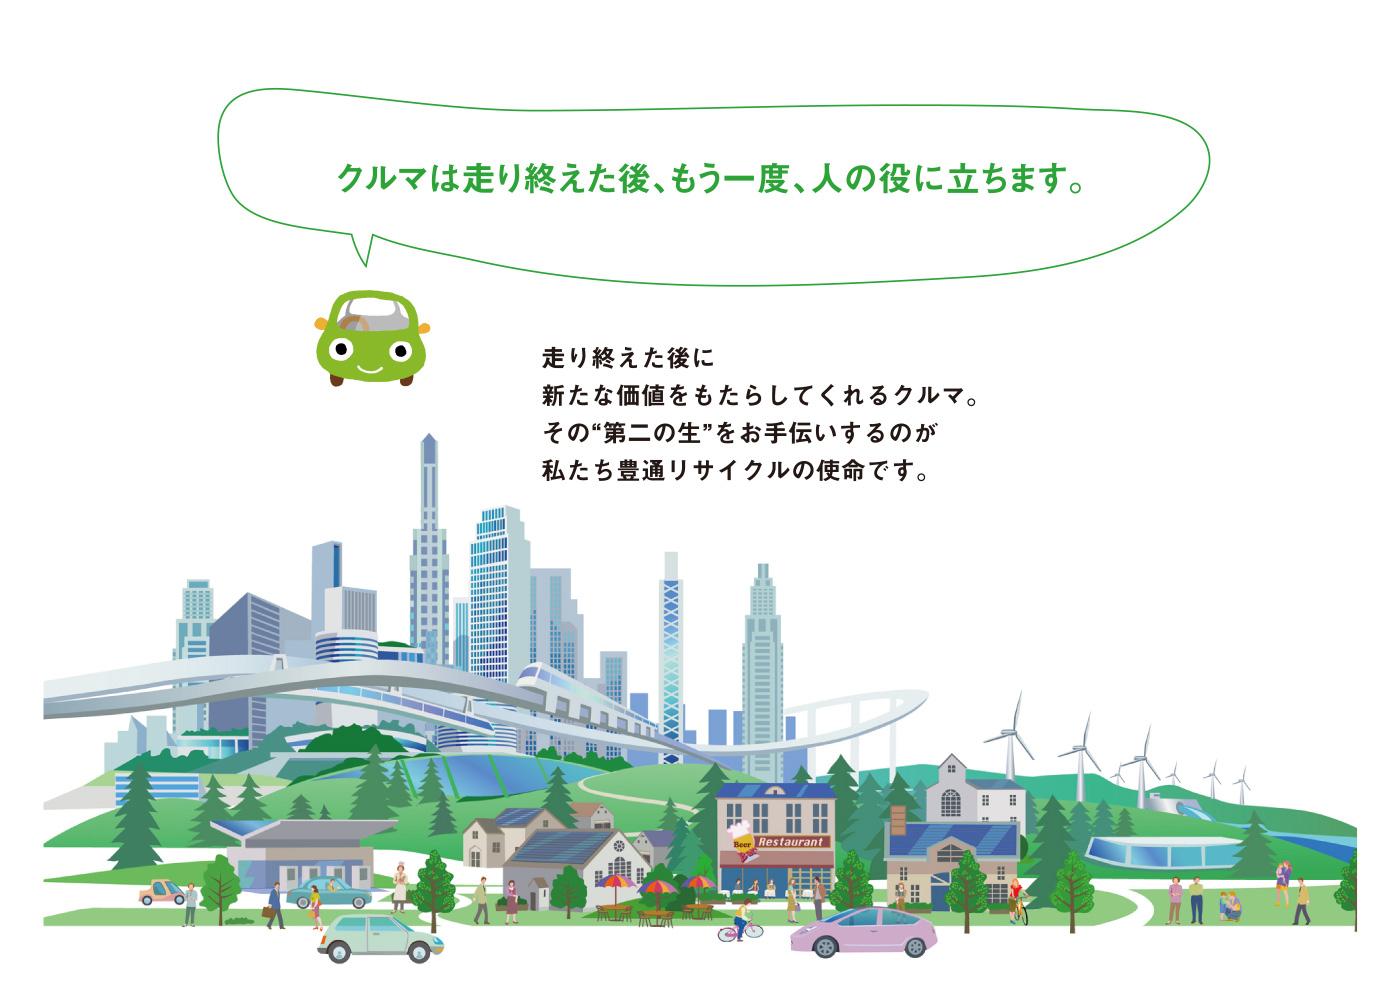 豊通リサイクル株式会社